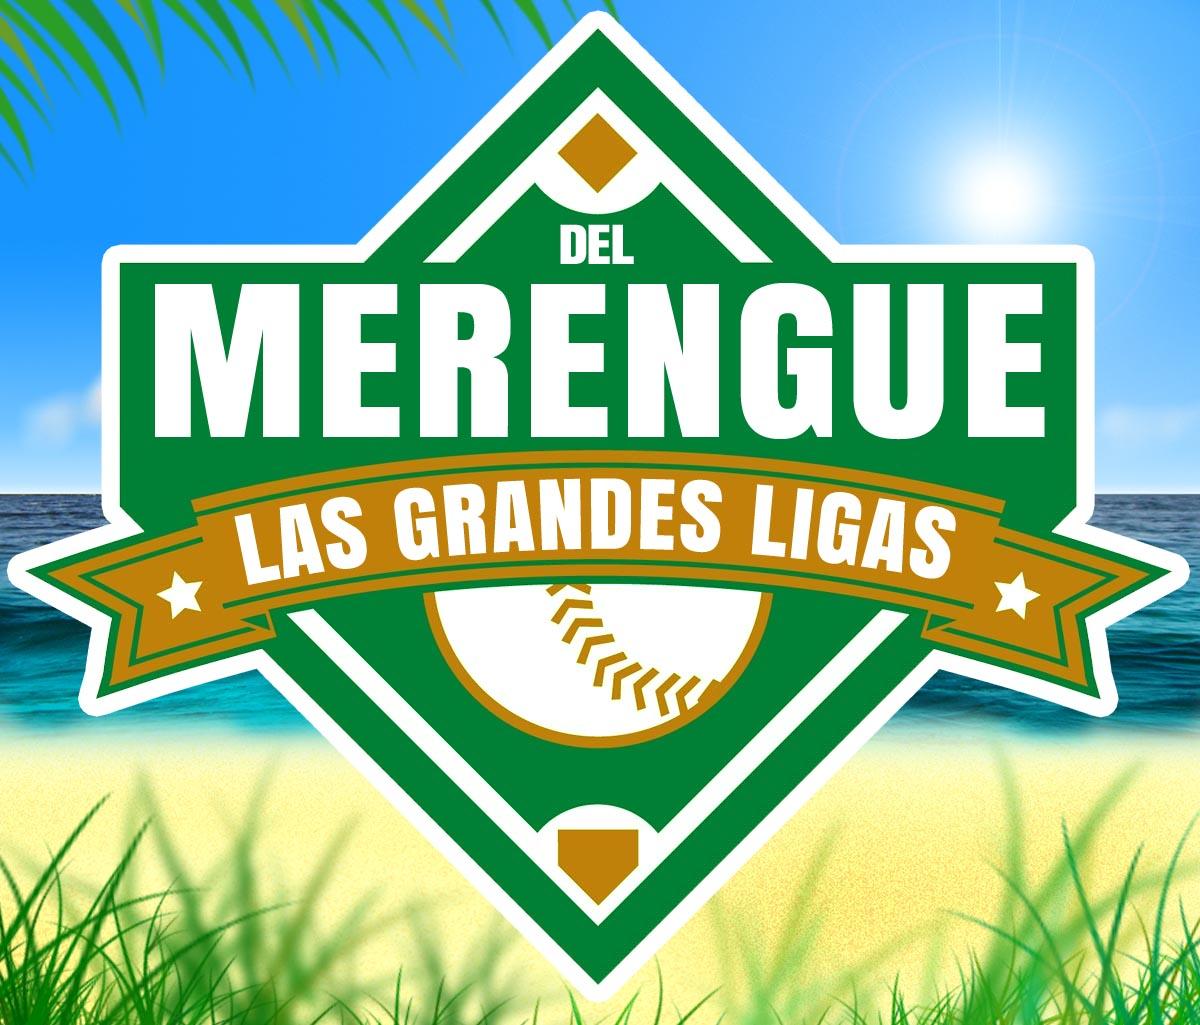 Las Grandes Ligas del Merengue